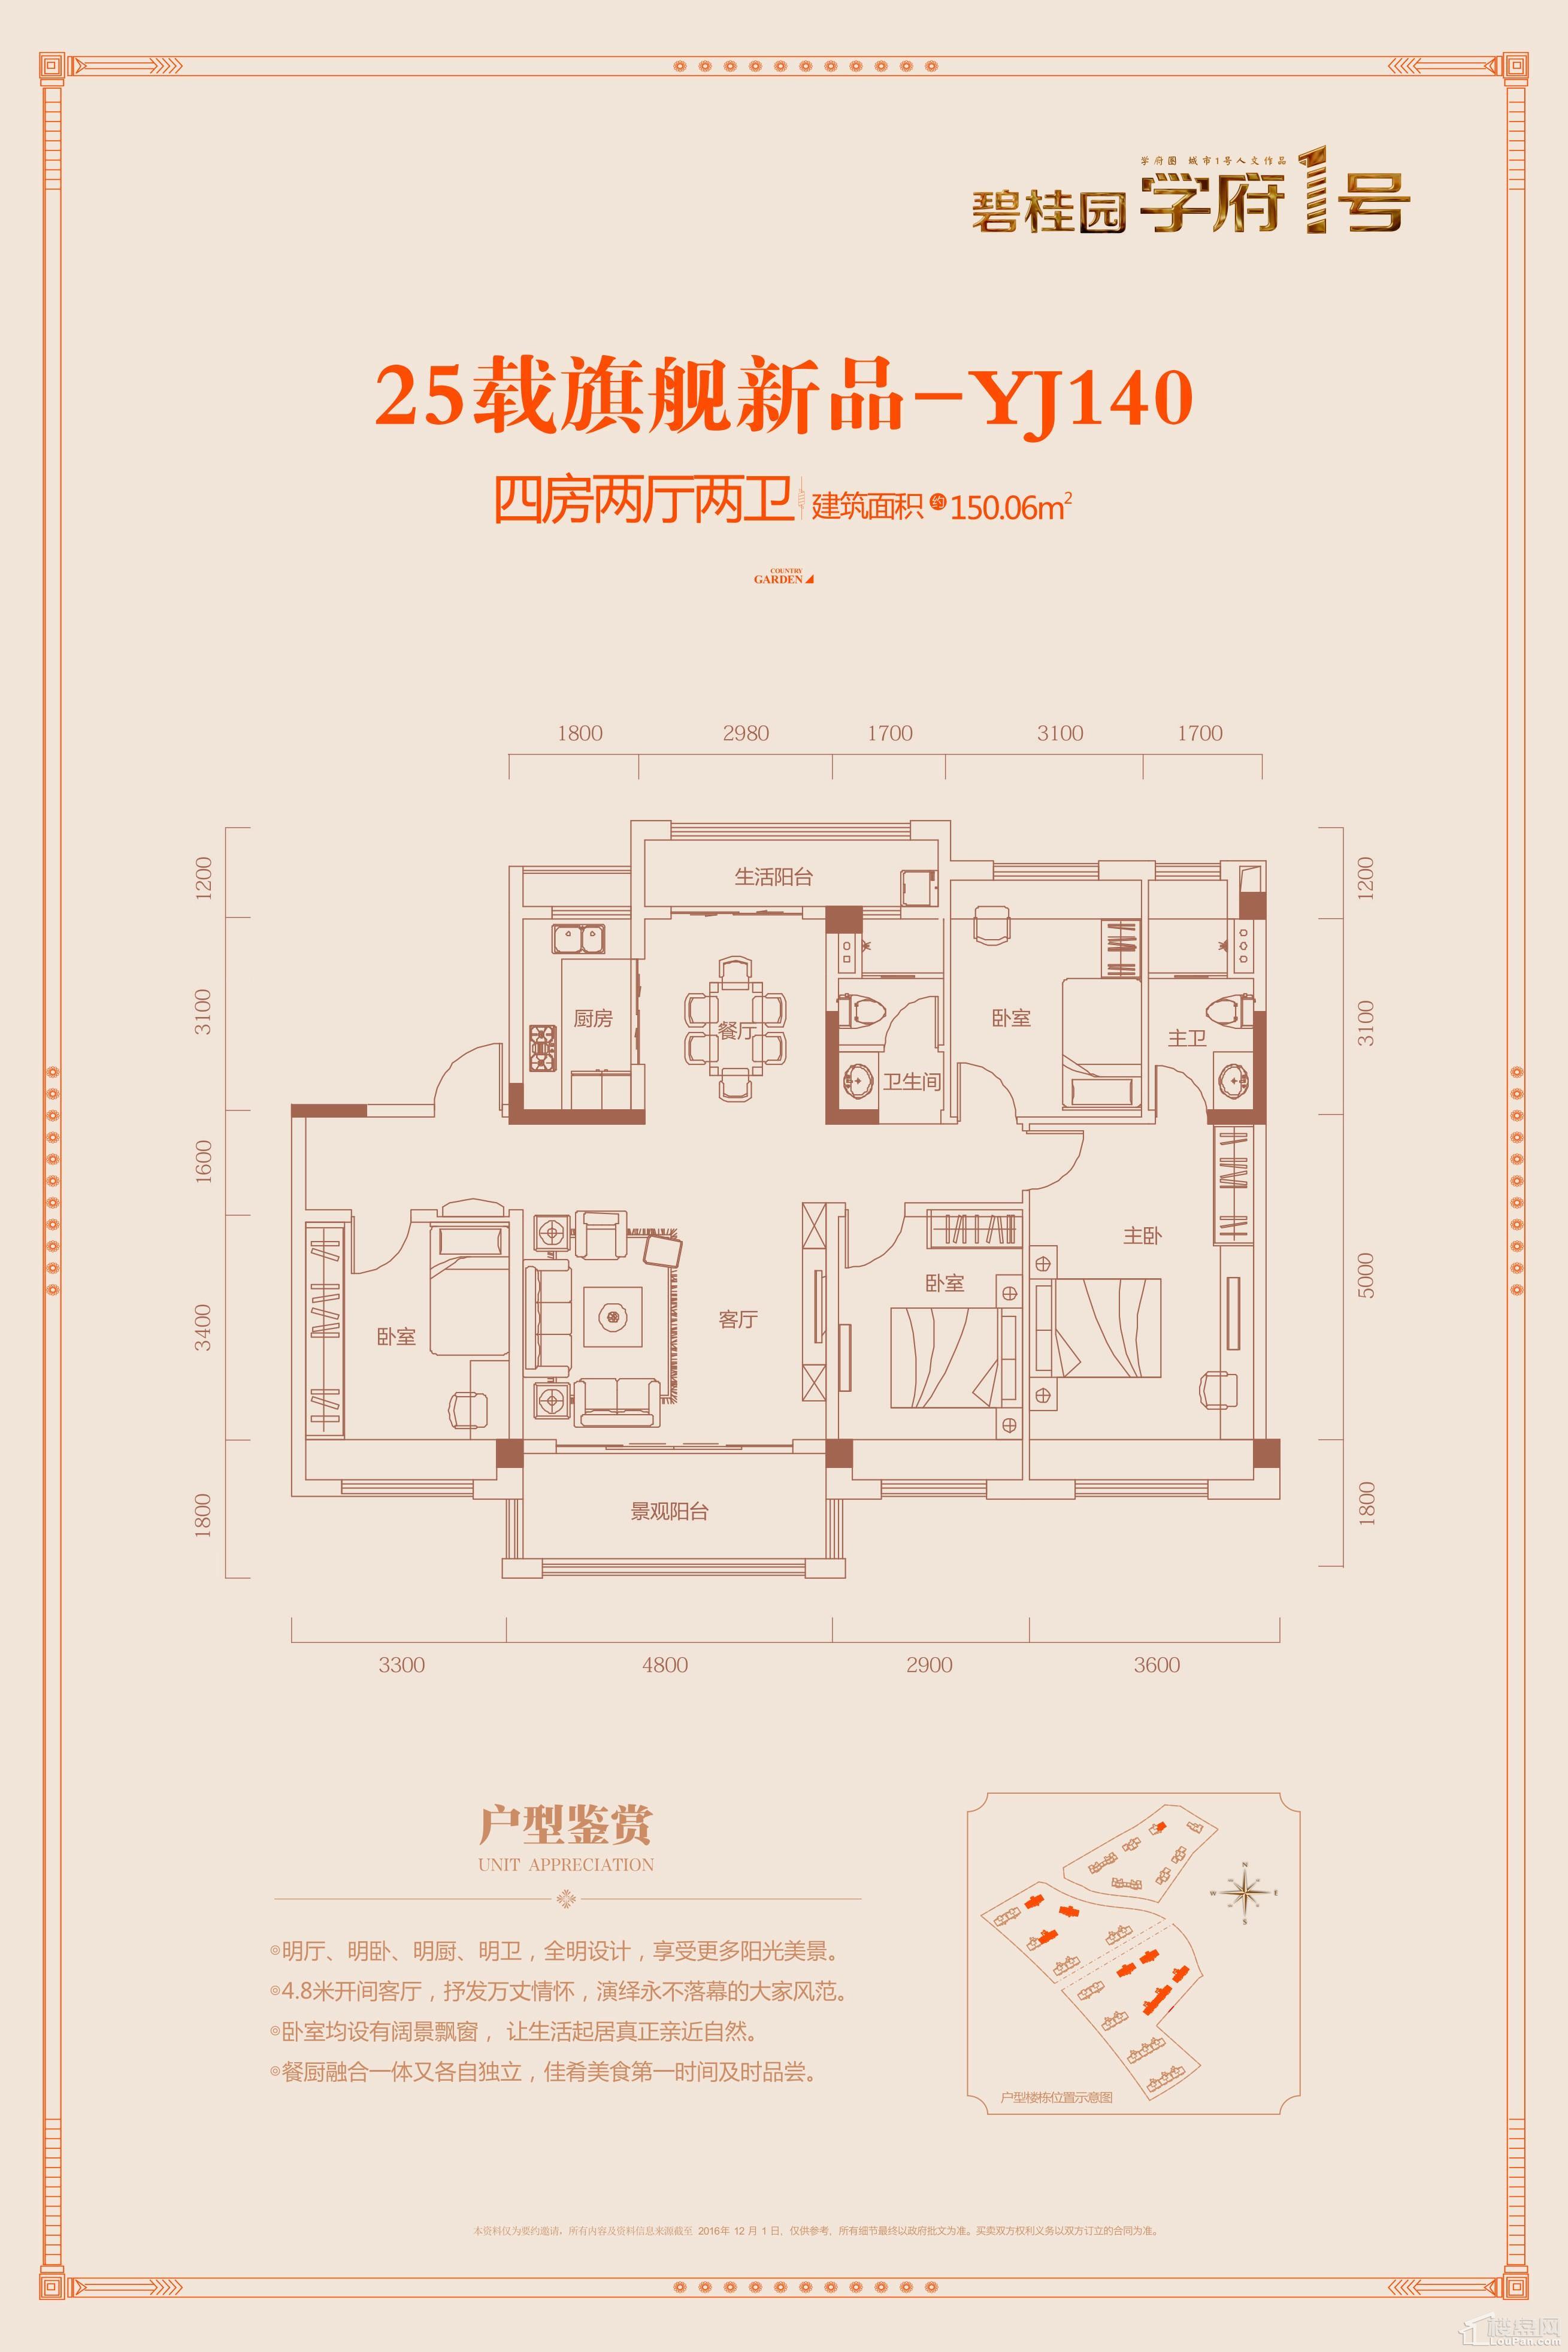 25载旗舰新品-YJ140